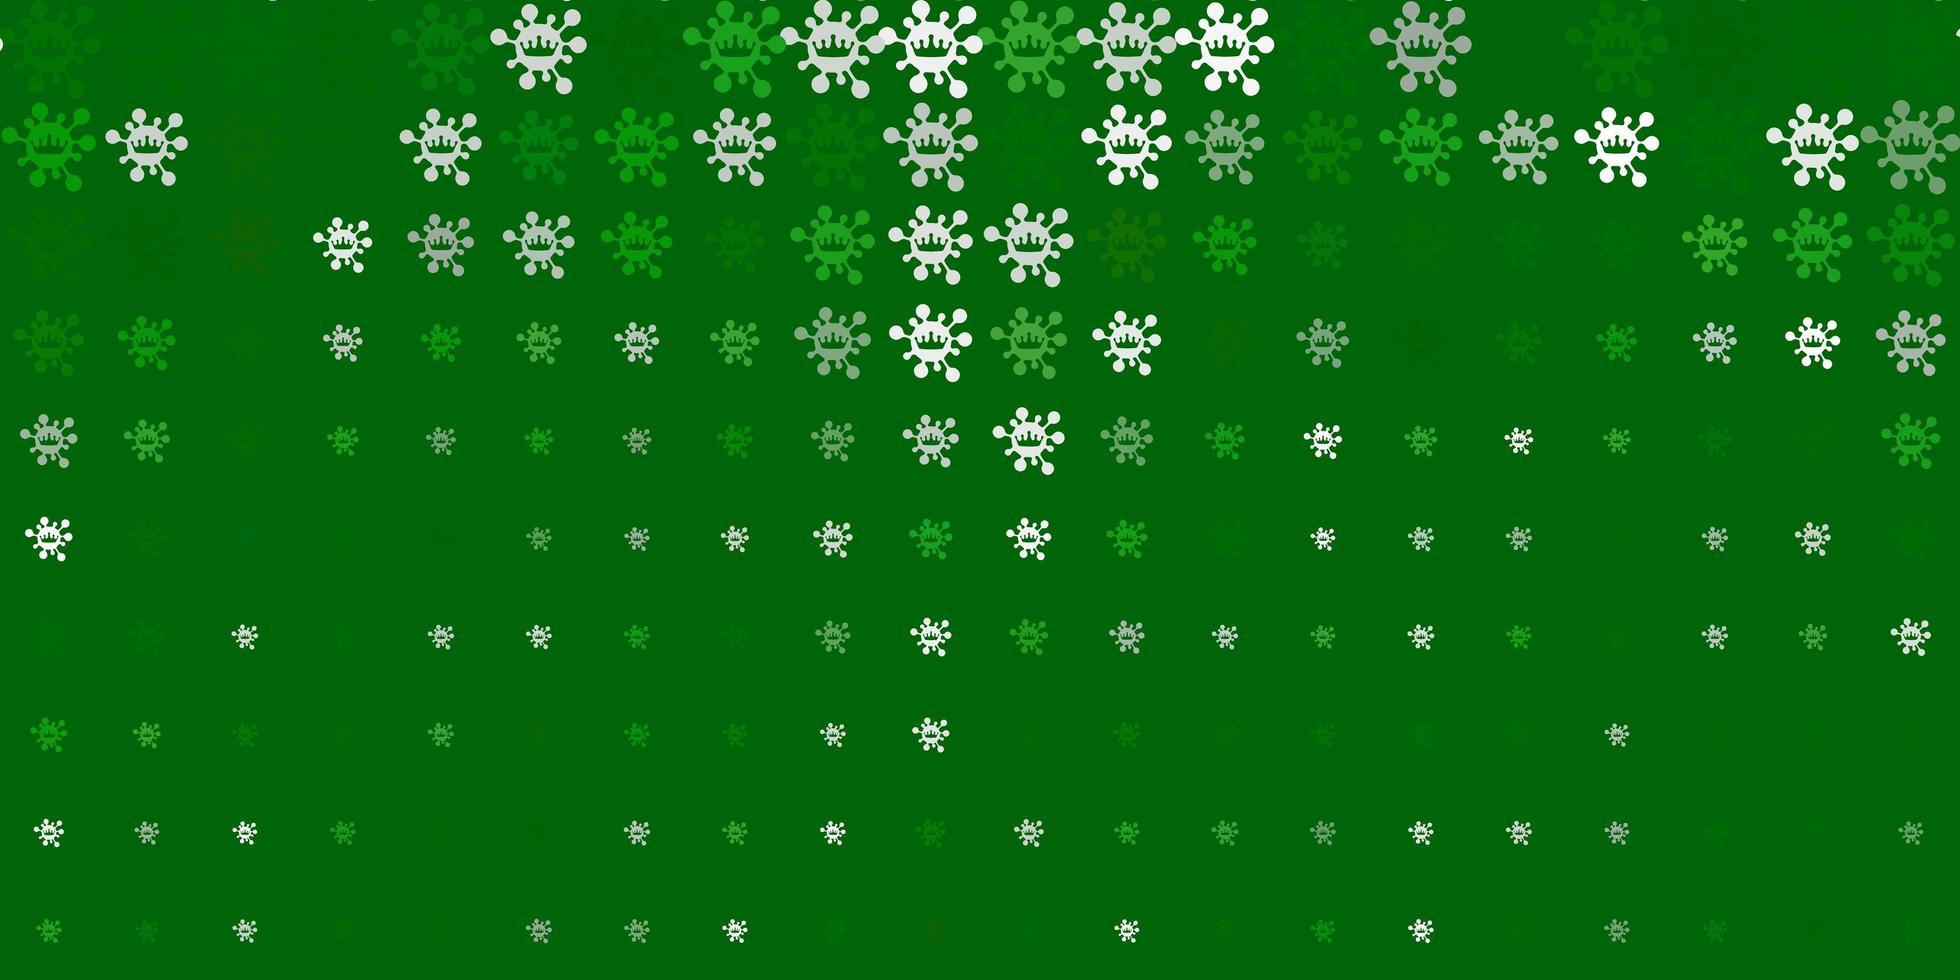 pano de fundo de vetor verde claro com símbolos de vírus